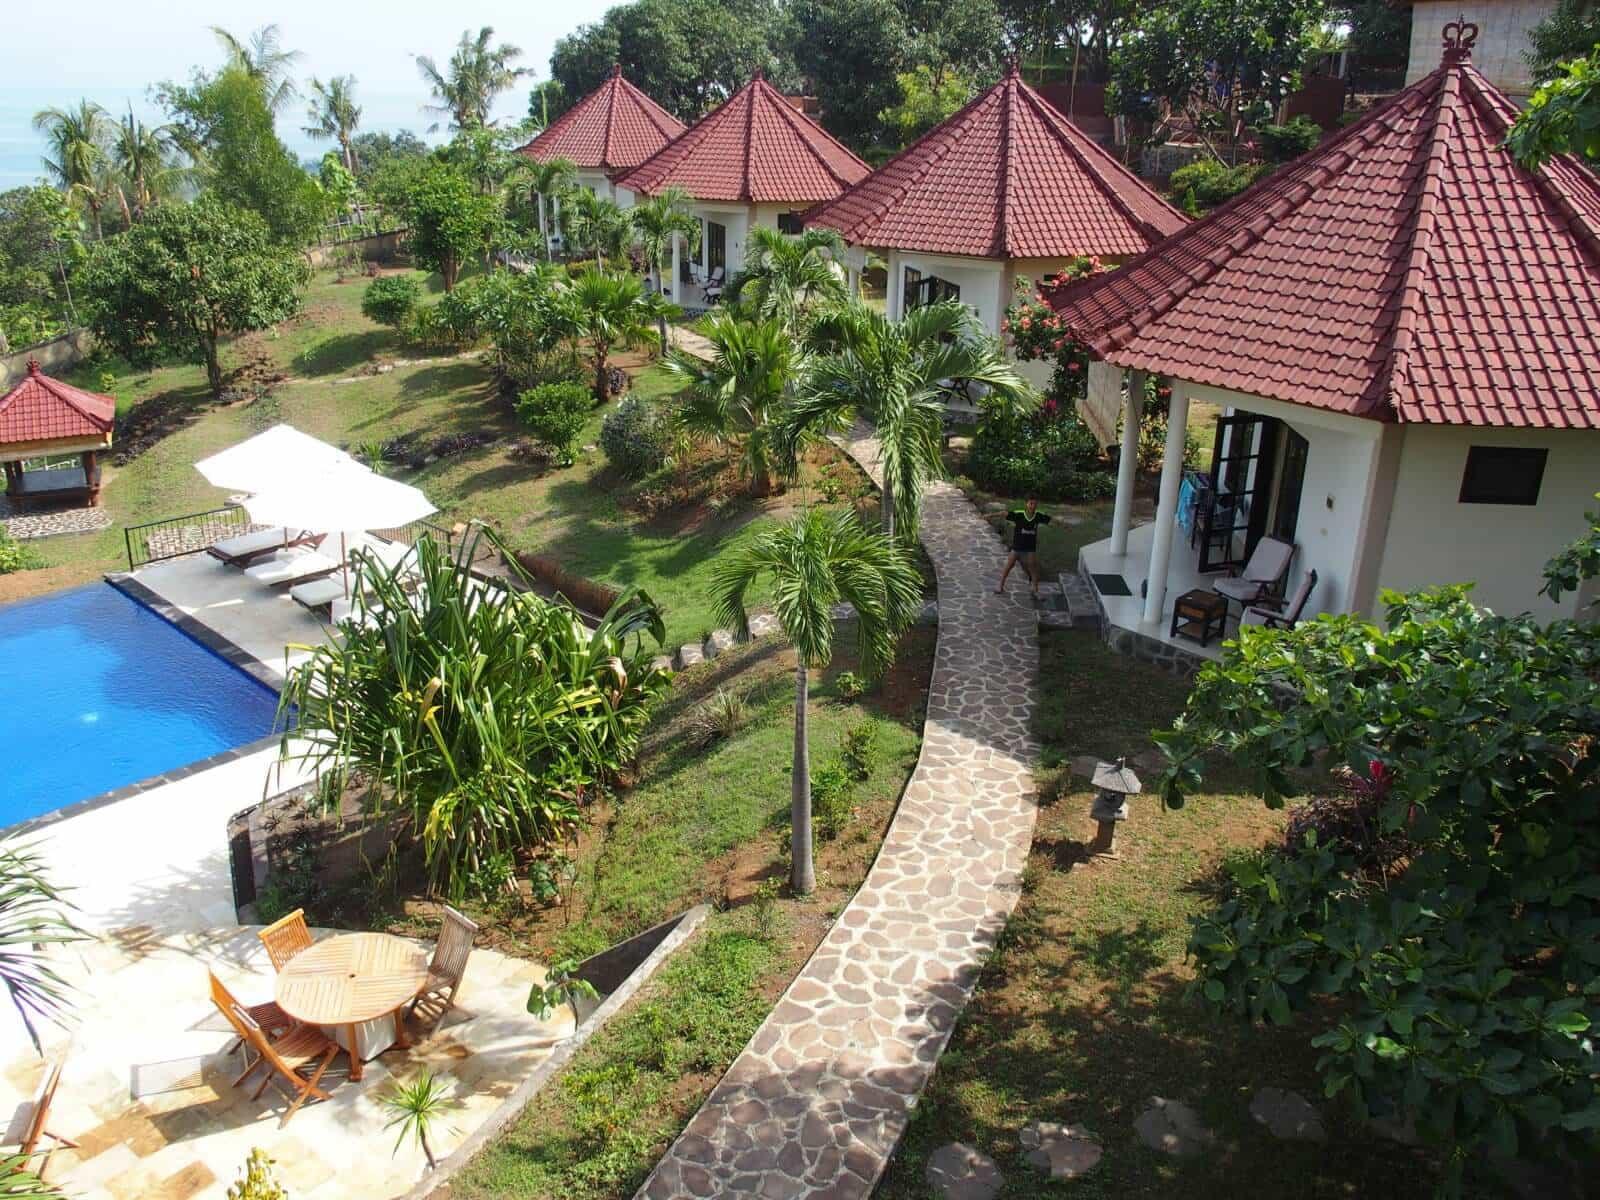 hotel Bali Lovina vue globale